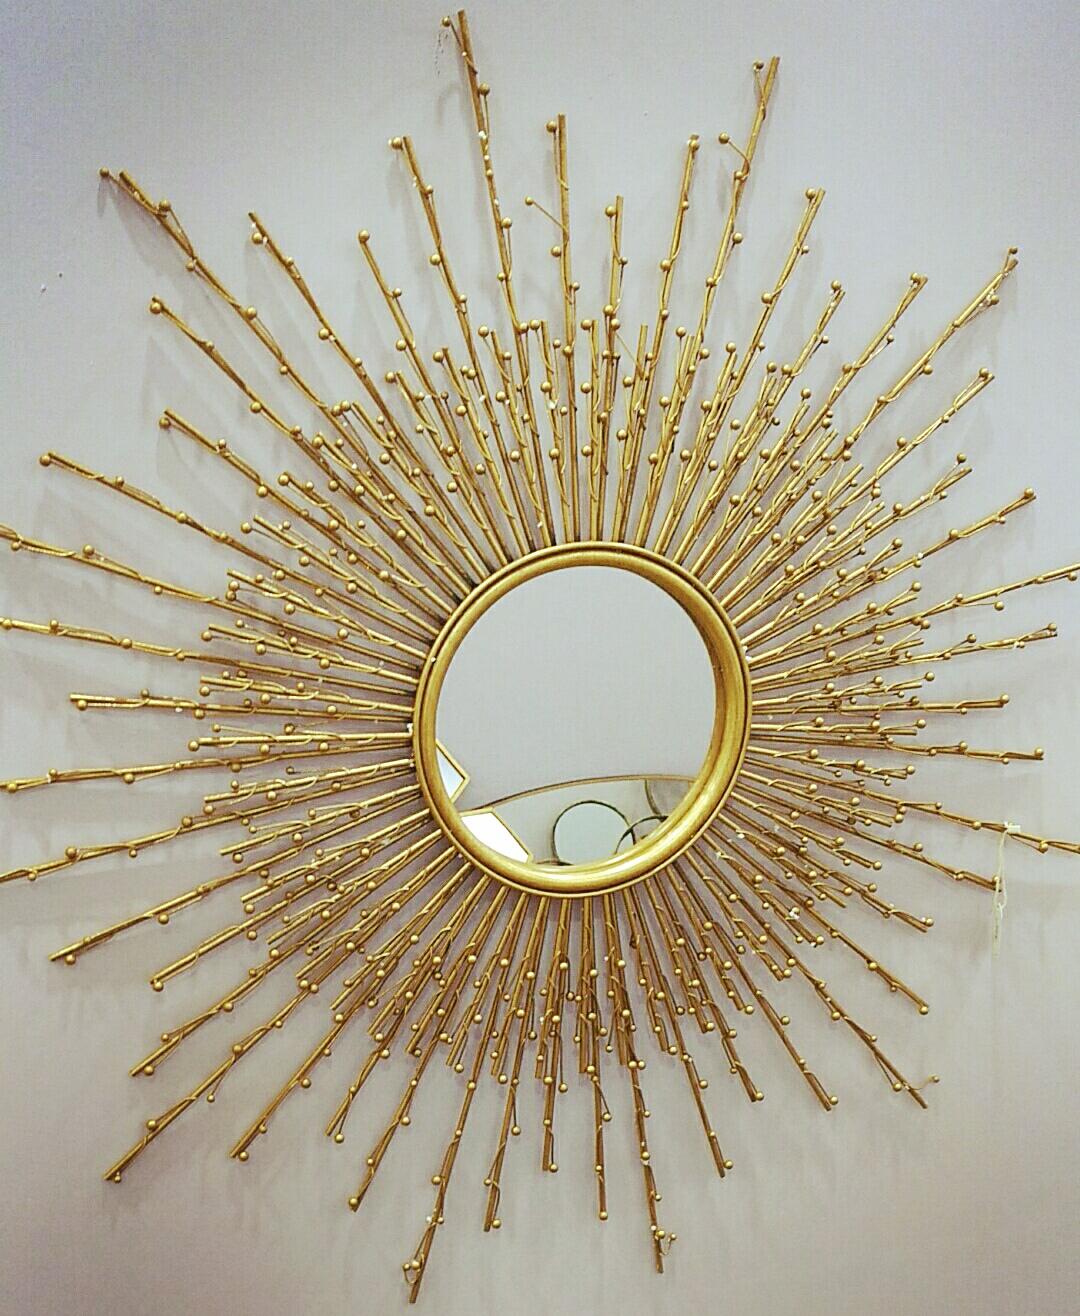 装饰镜子壁挂欧式玄关太阳镜圆艺术镜壁炉装饰镜墙面铁艺金属挂件